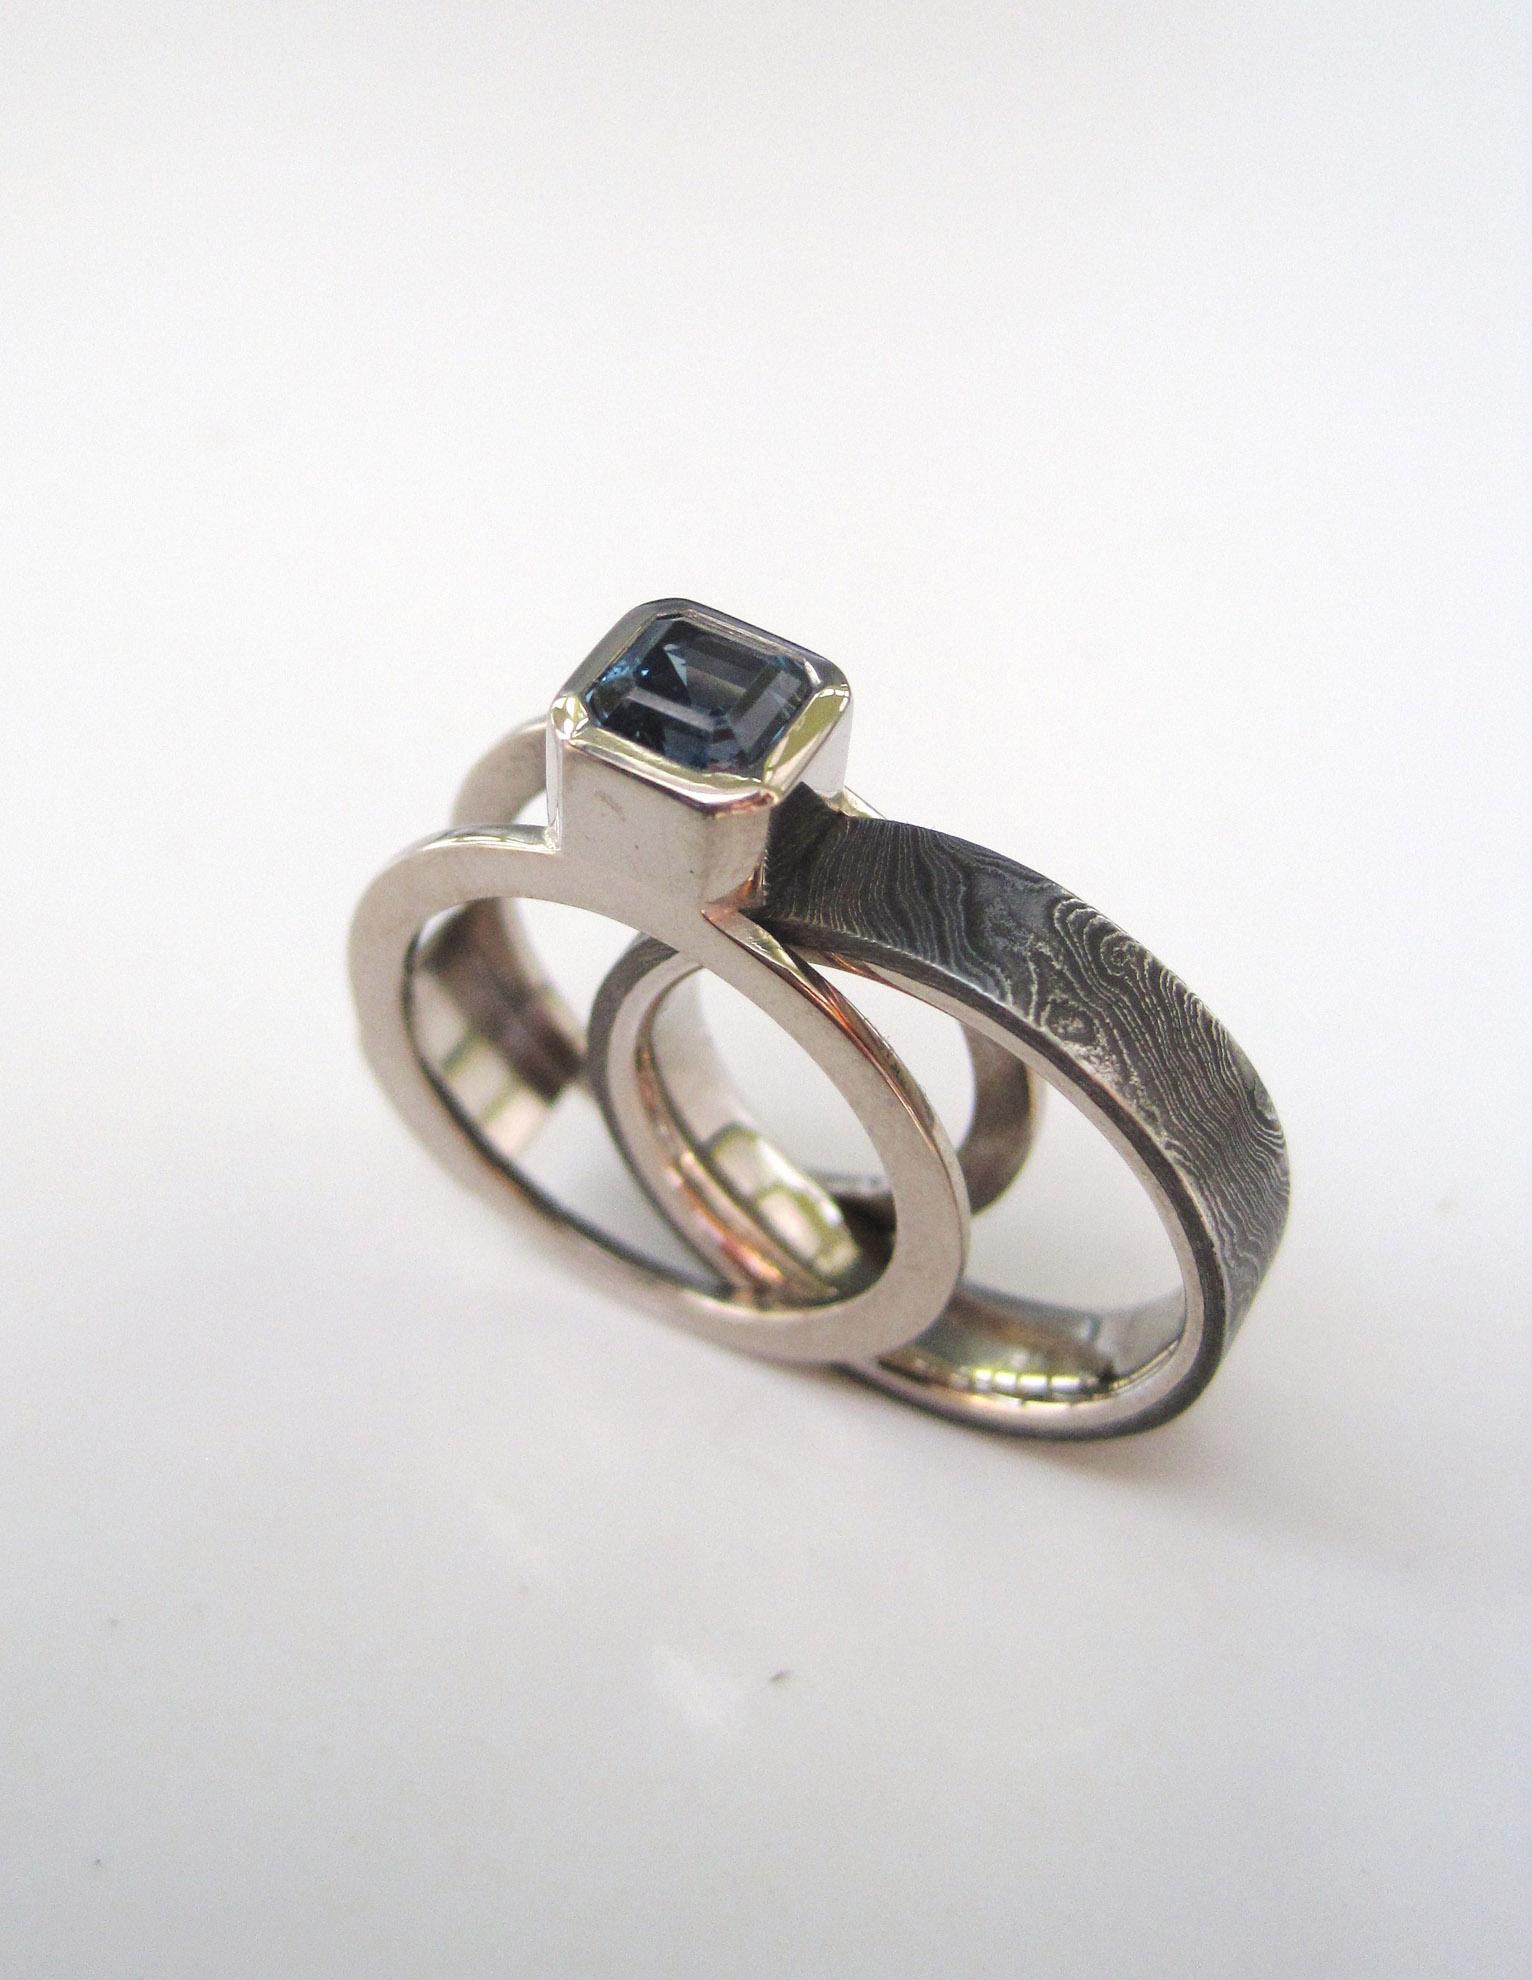 'Twist' pattern Scaffolding ring